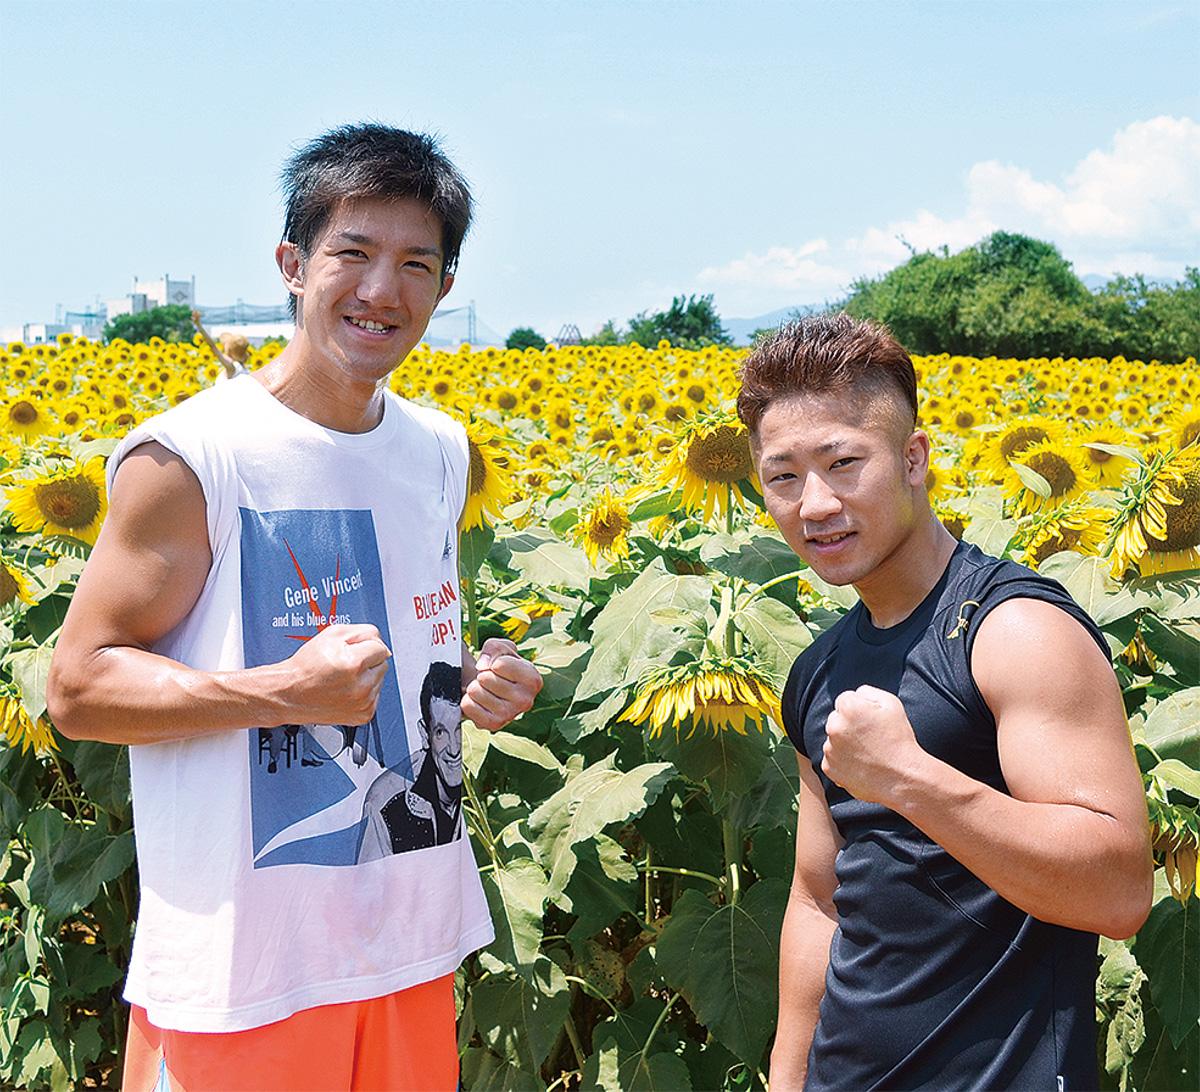 井上拓真選手(右)、従兄弟の浩樹選手。ひまわりまつり栗原会場周辺でランニングしていたところを撮影